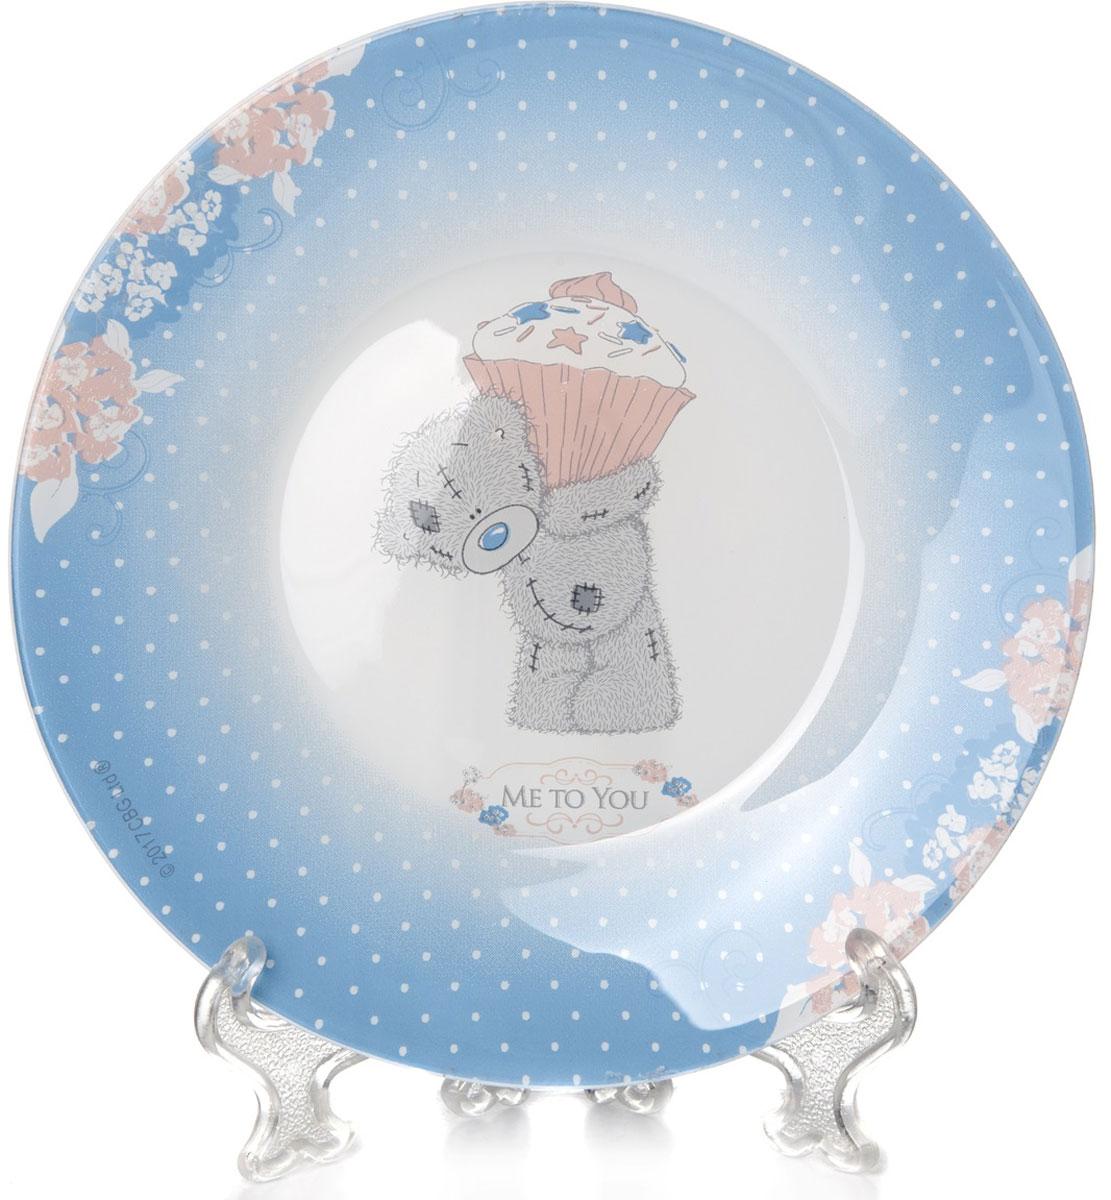 Тарелка Pasabahce Me To You, цвет: голубой, диаметр 19,5 см10327SLBD39Тарелка Pasabahce Me To You выполнена из качественного стекла голубого цвета. Тарелка прекрасно подойдет в качестве сервировочного блюда для фруктов, десертов, закусок, торта и другого.Диаметр тарелки: 19.5 см.